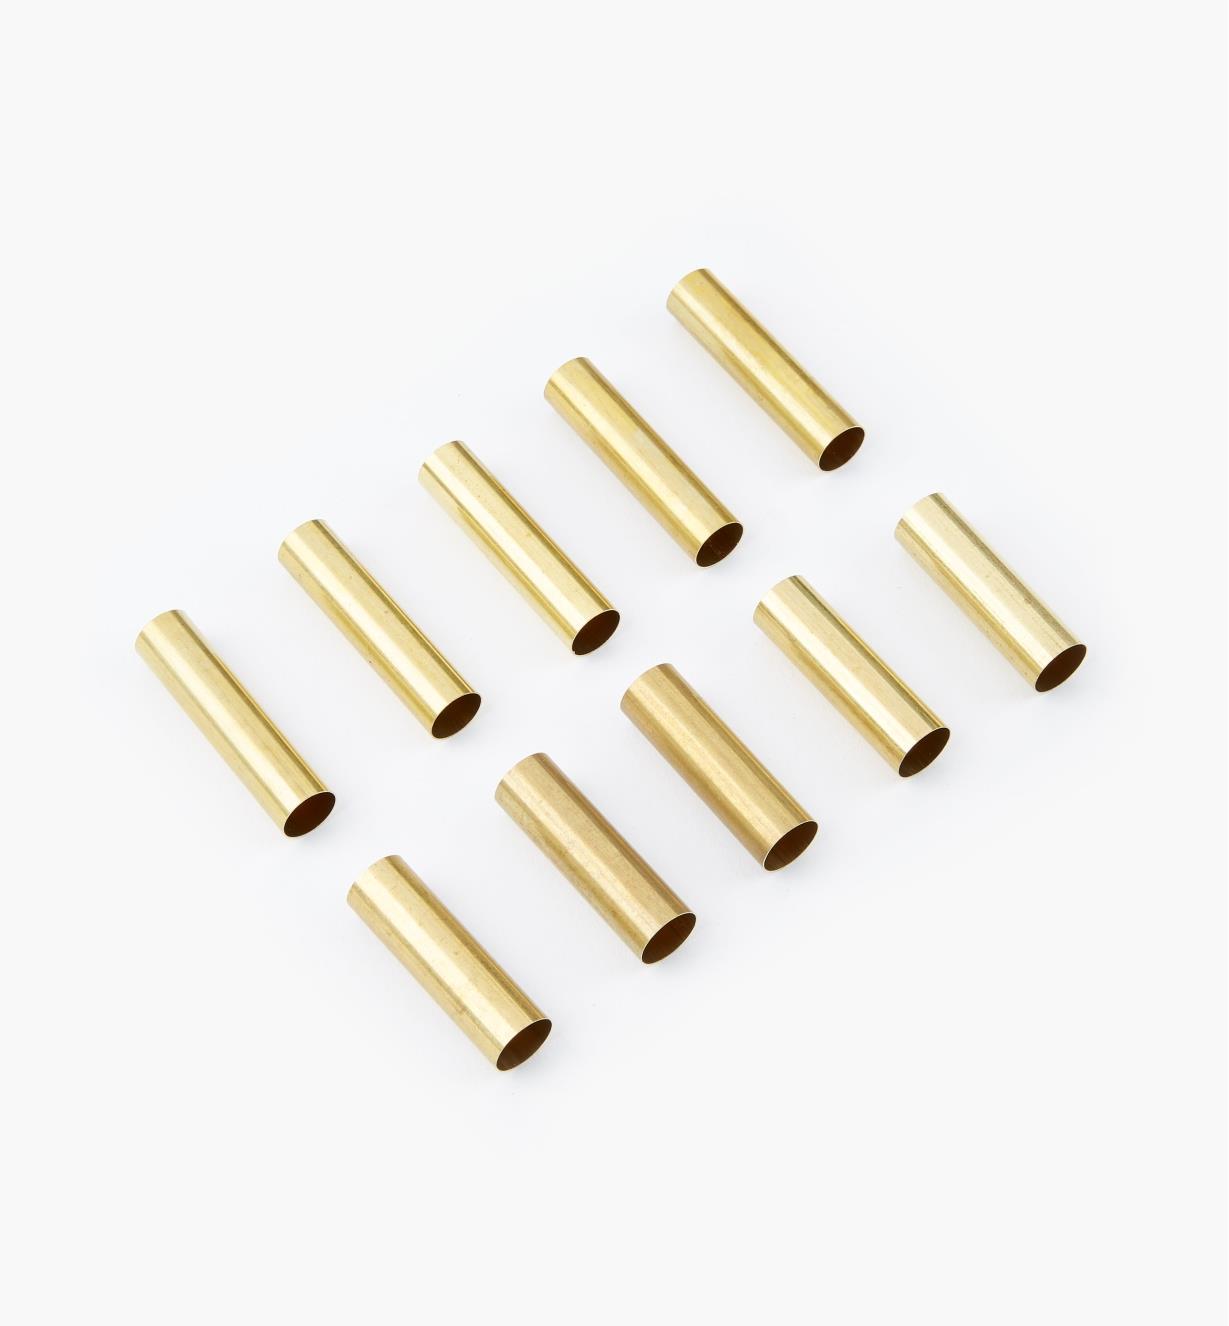 88K7846 - Tubes de remplacement pour 5stylos à bille roulante ou stylos-plumes ElGrande